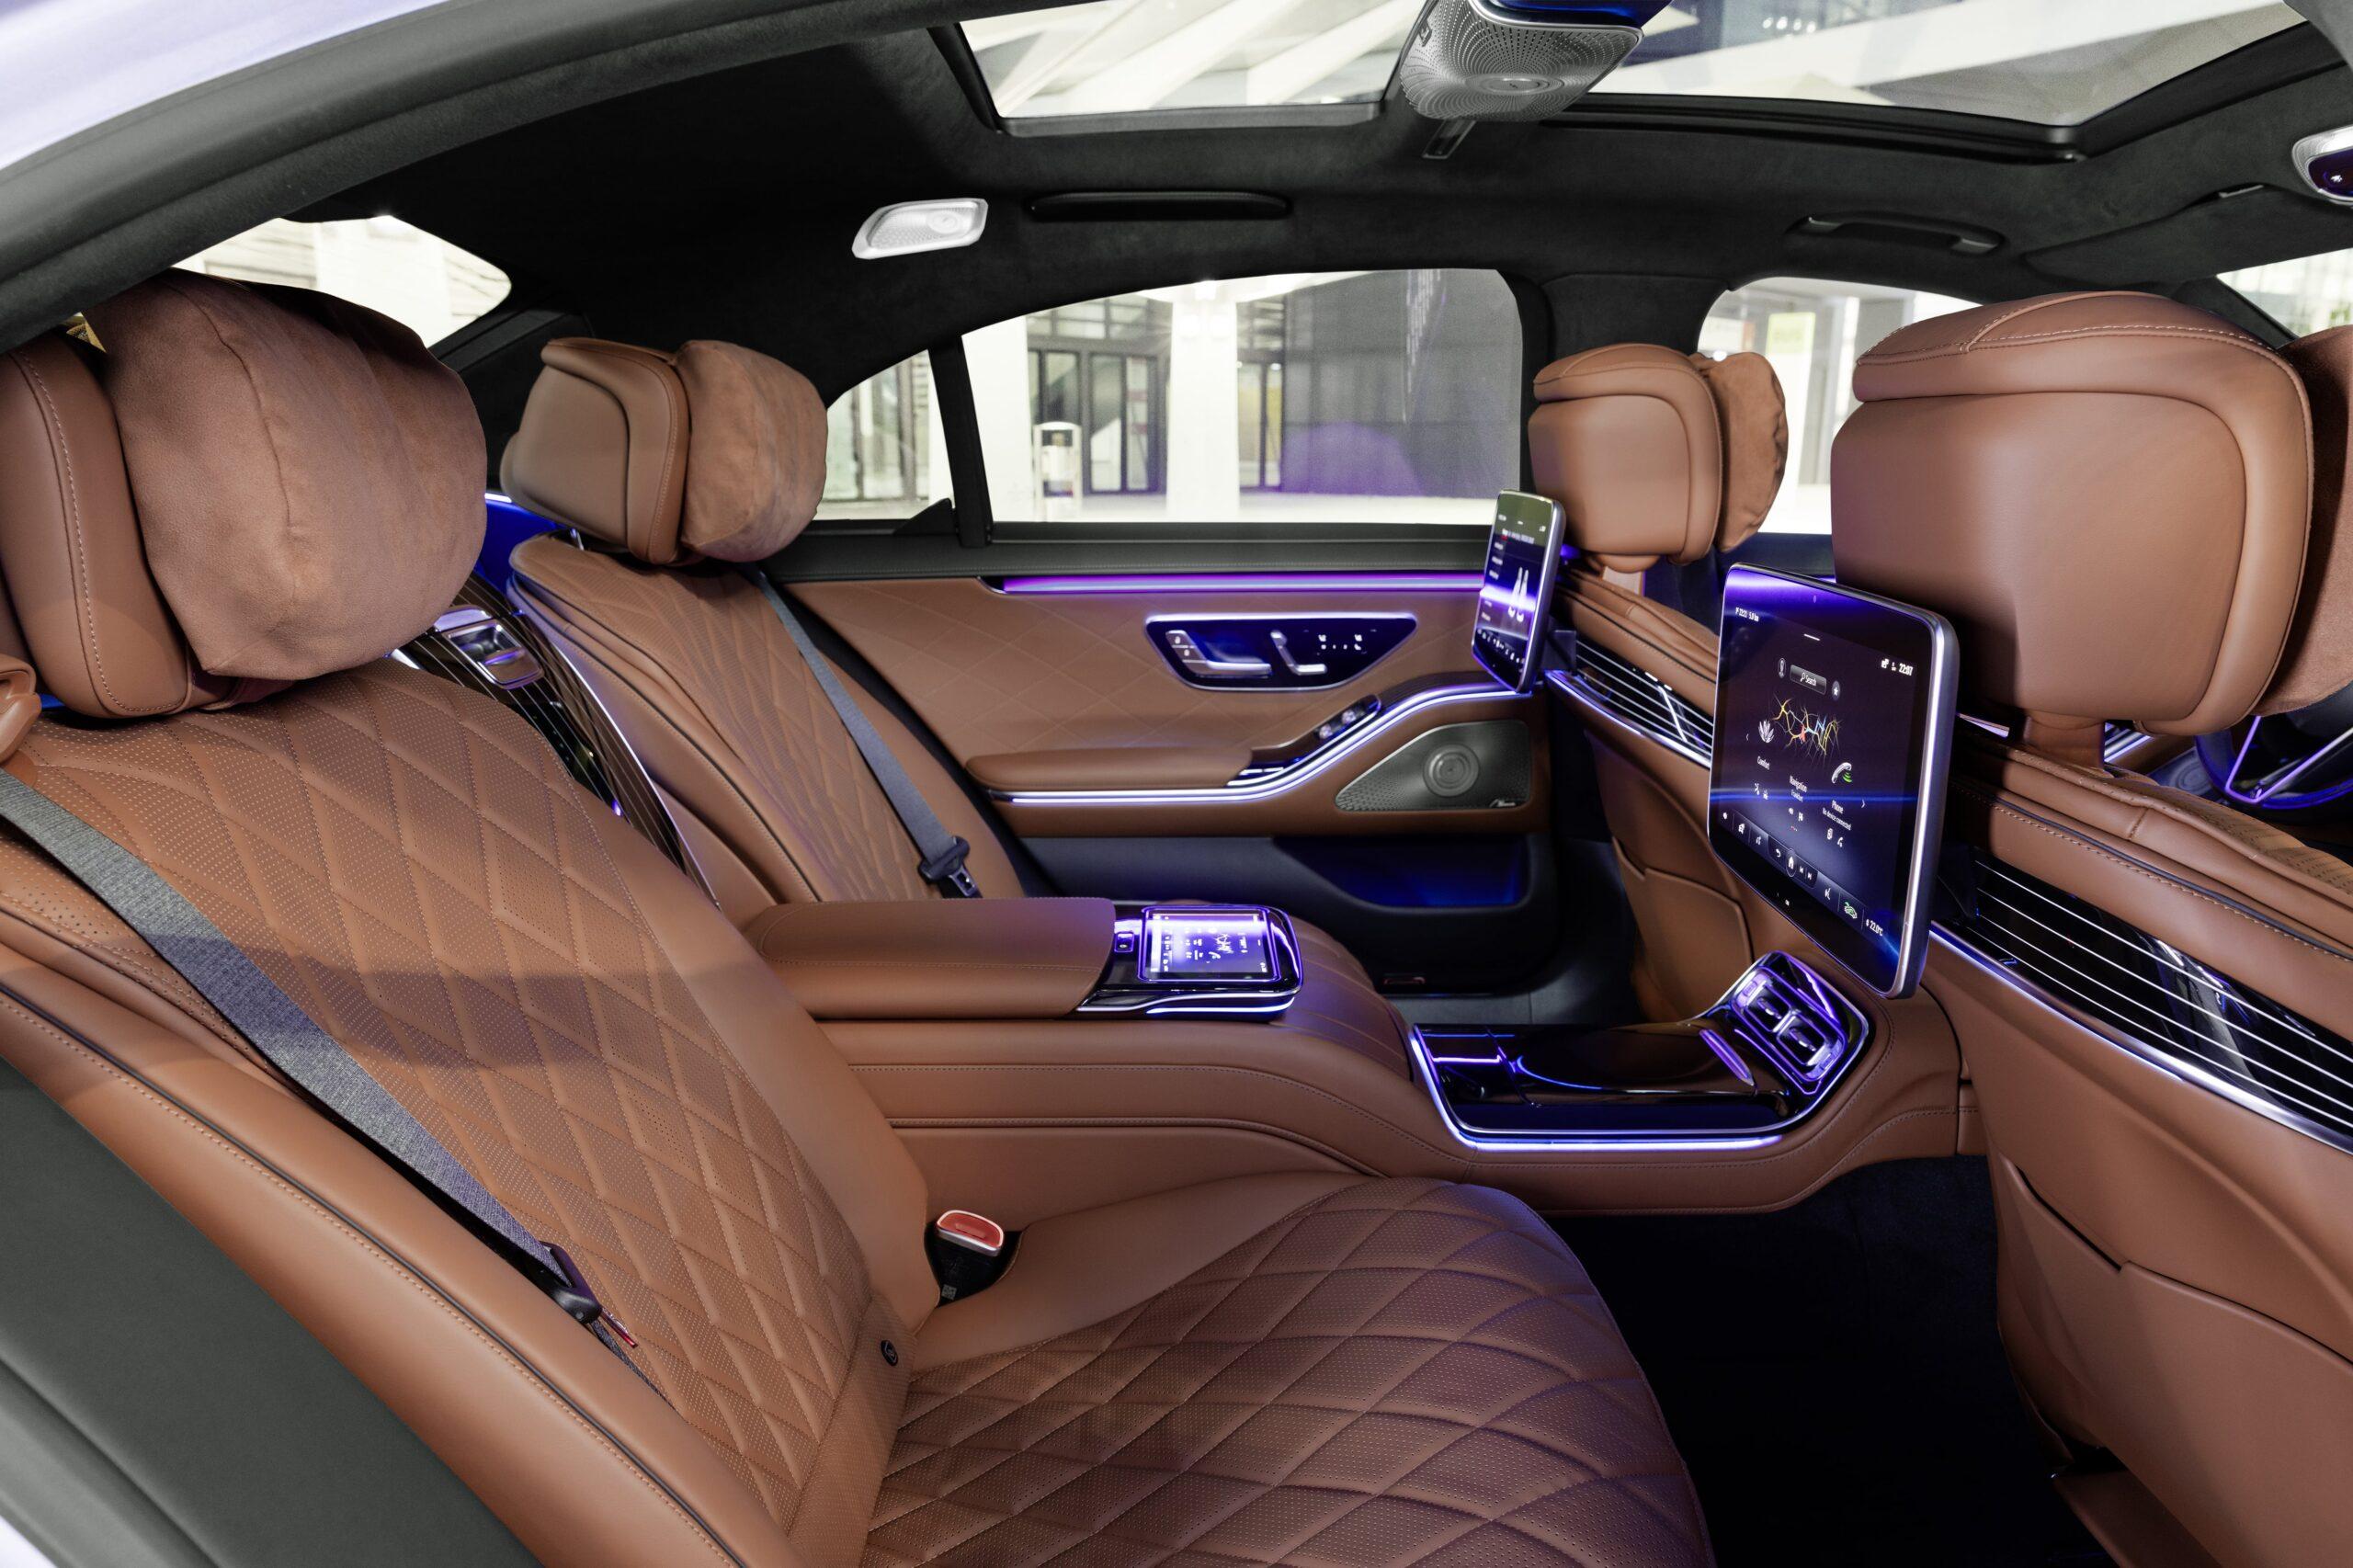 Mercedes Classe S Interni 2